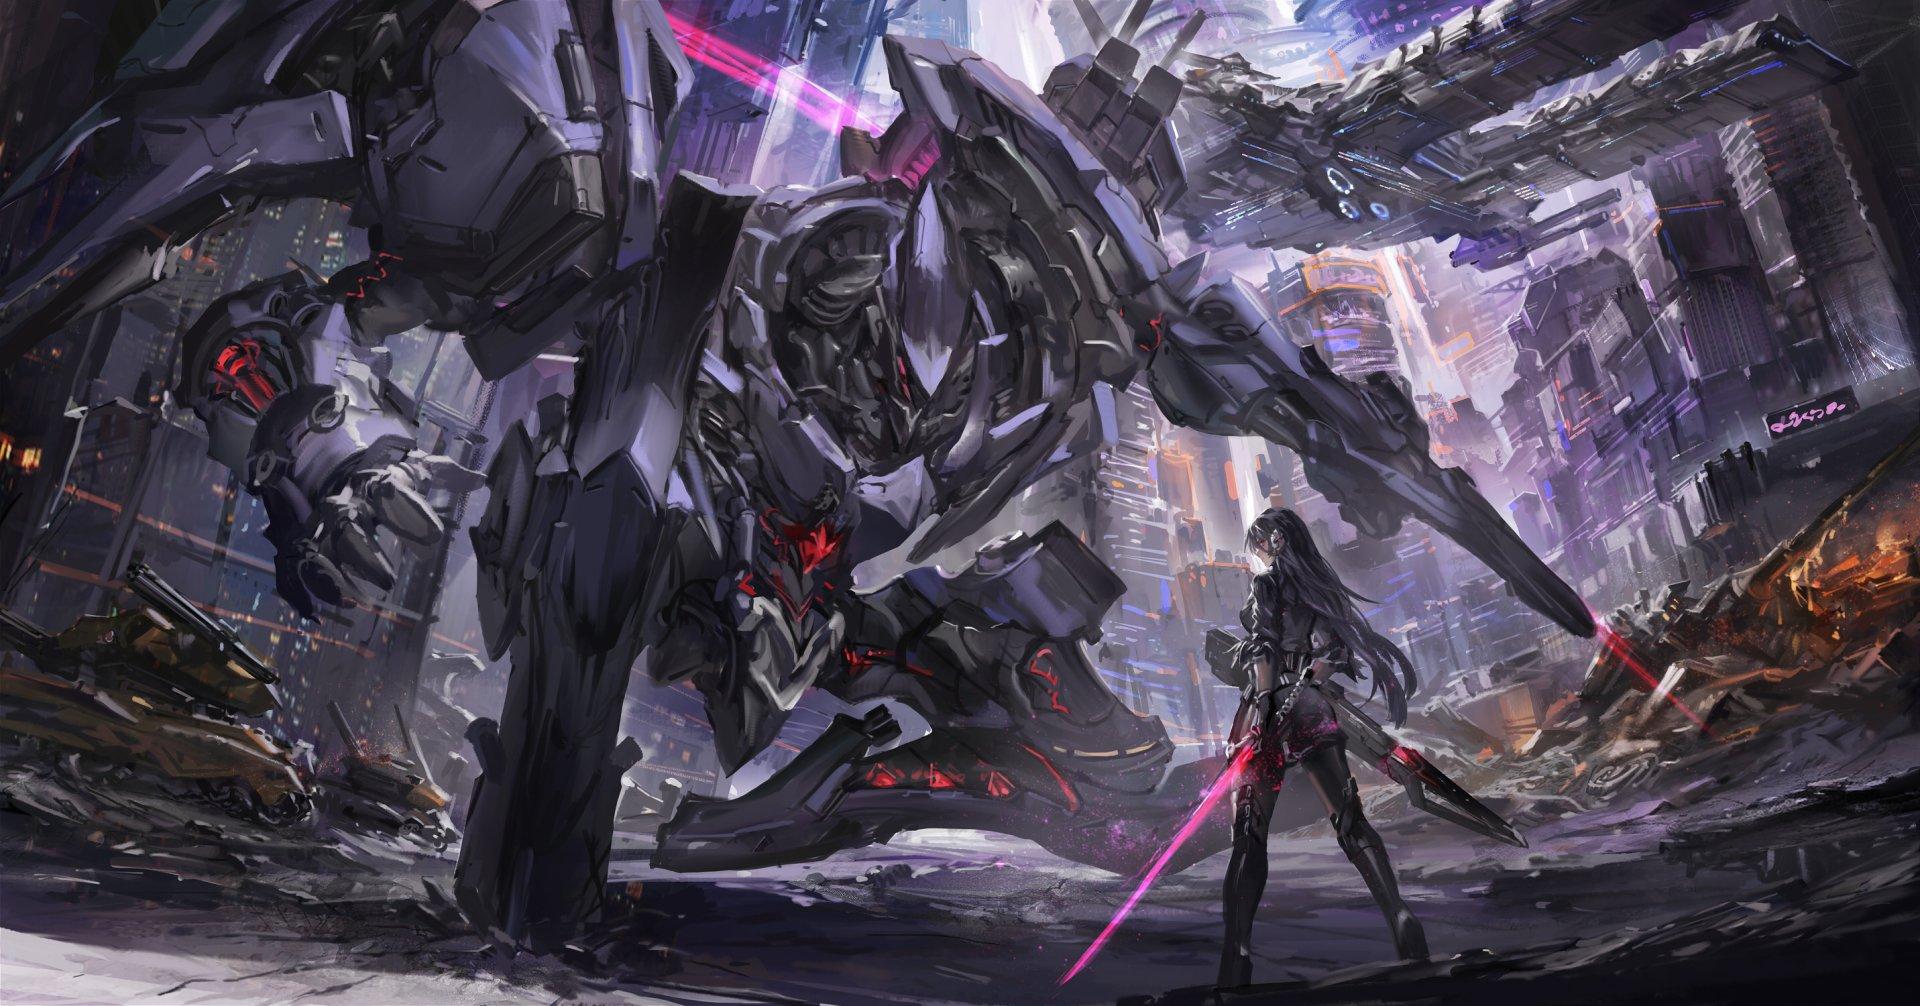 Anime - Original  Sci Fi Girl Blade Robot City Ruin Wallpaper